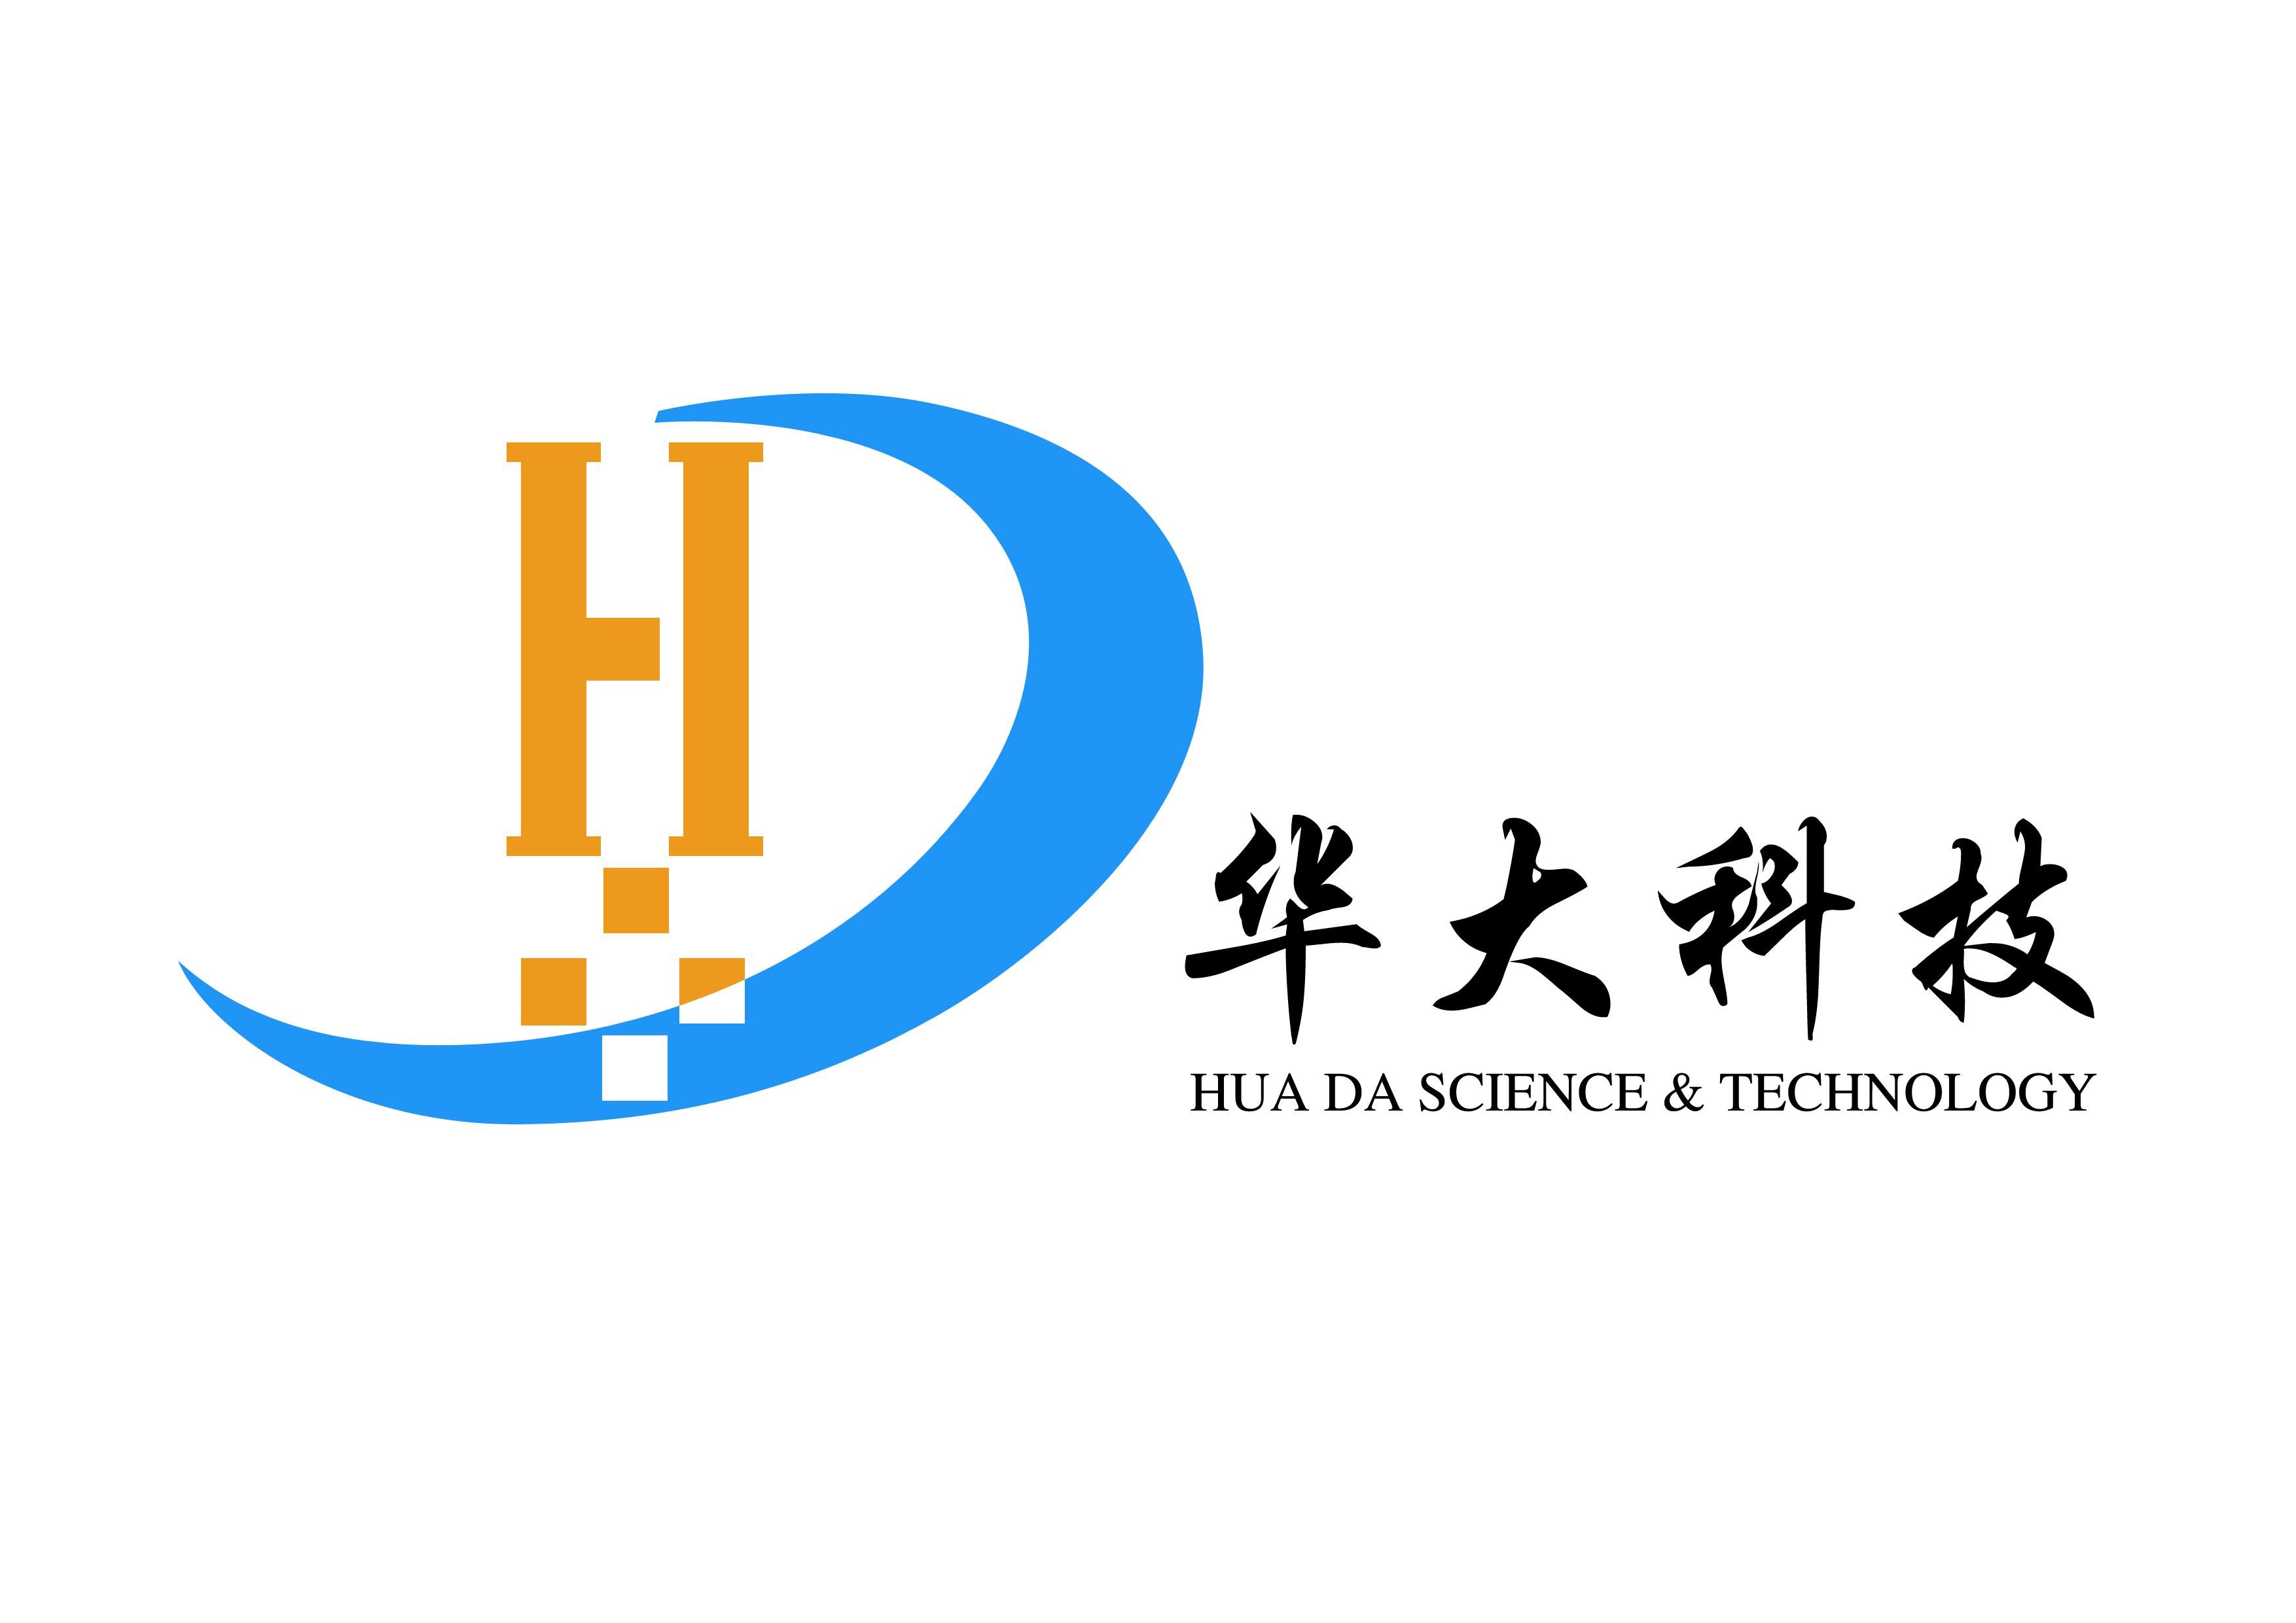 沈陽華大科技有限公司